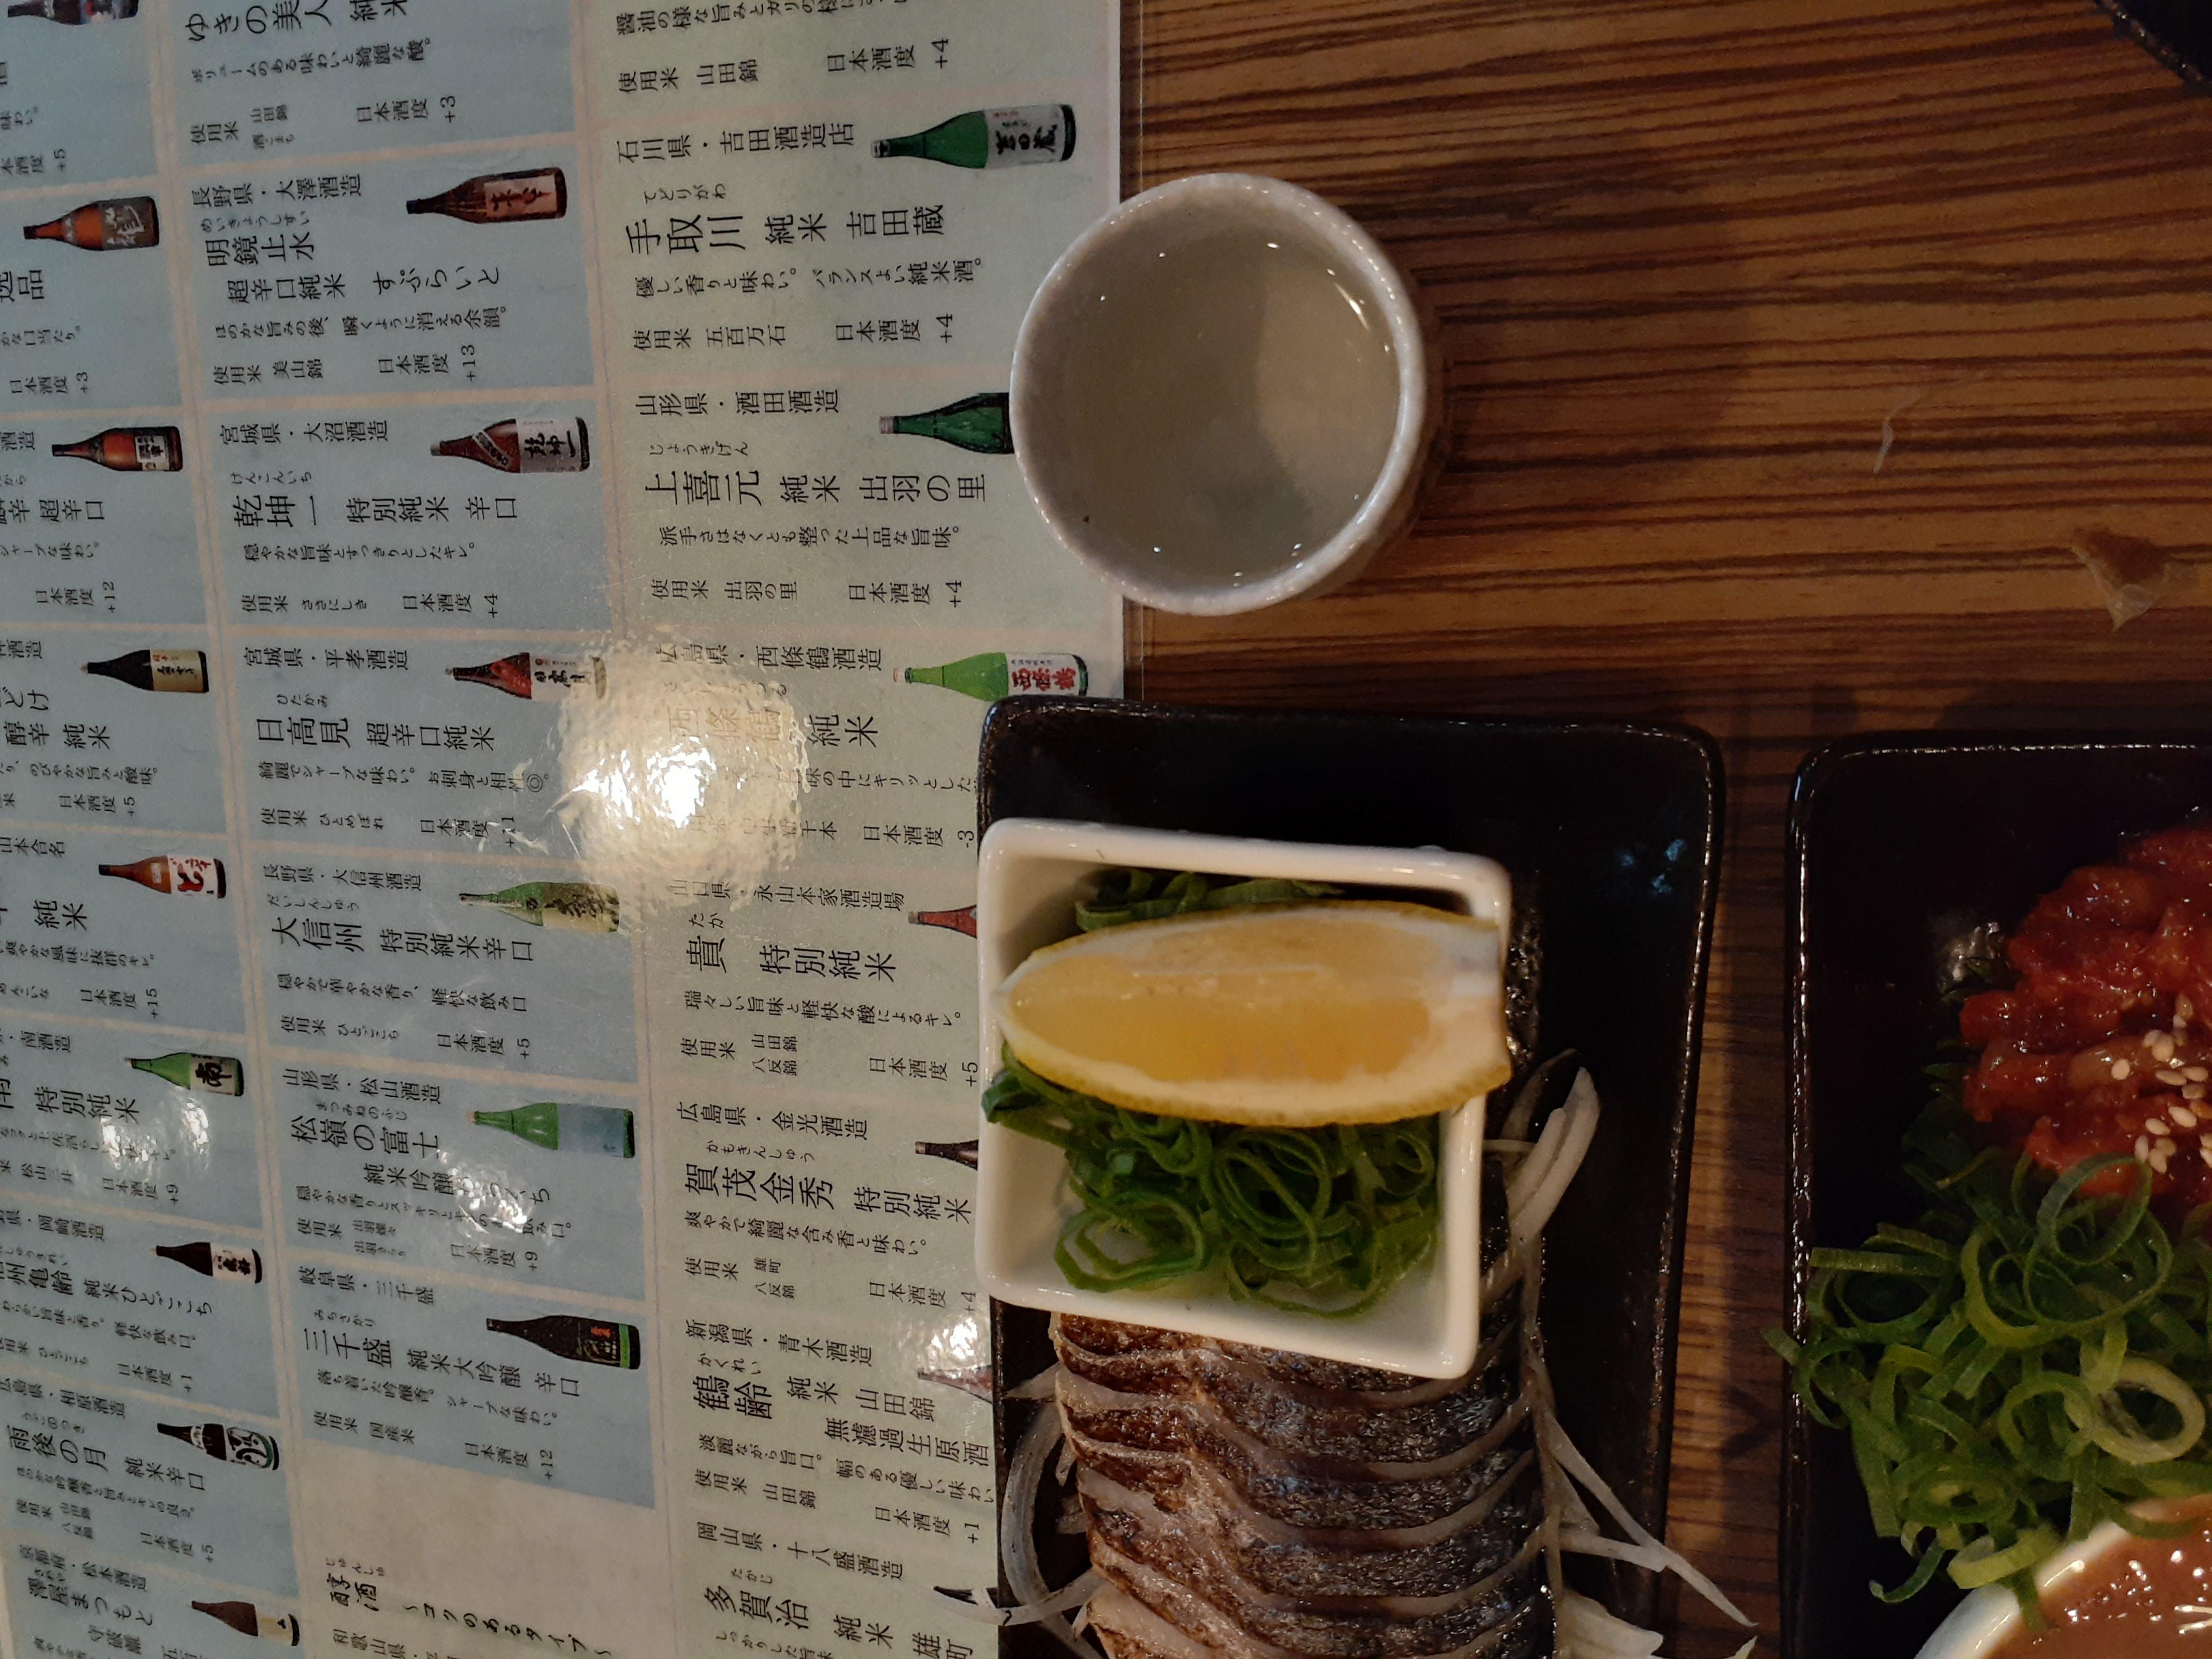 http://www.810810.co.jp/blog_run7/20200606_132046.jpg